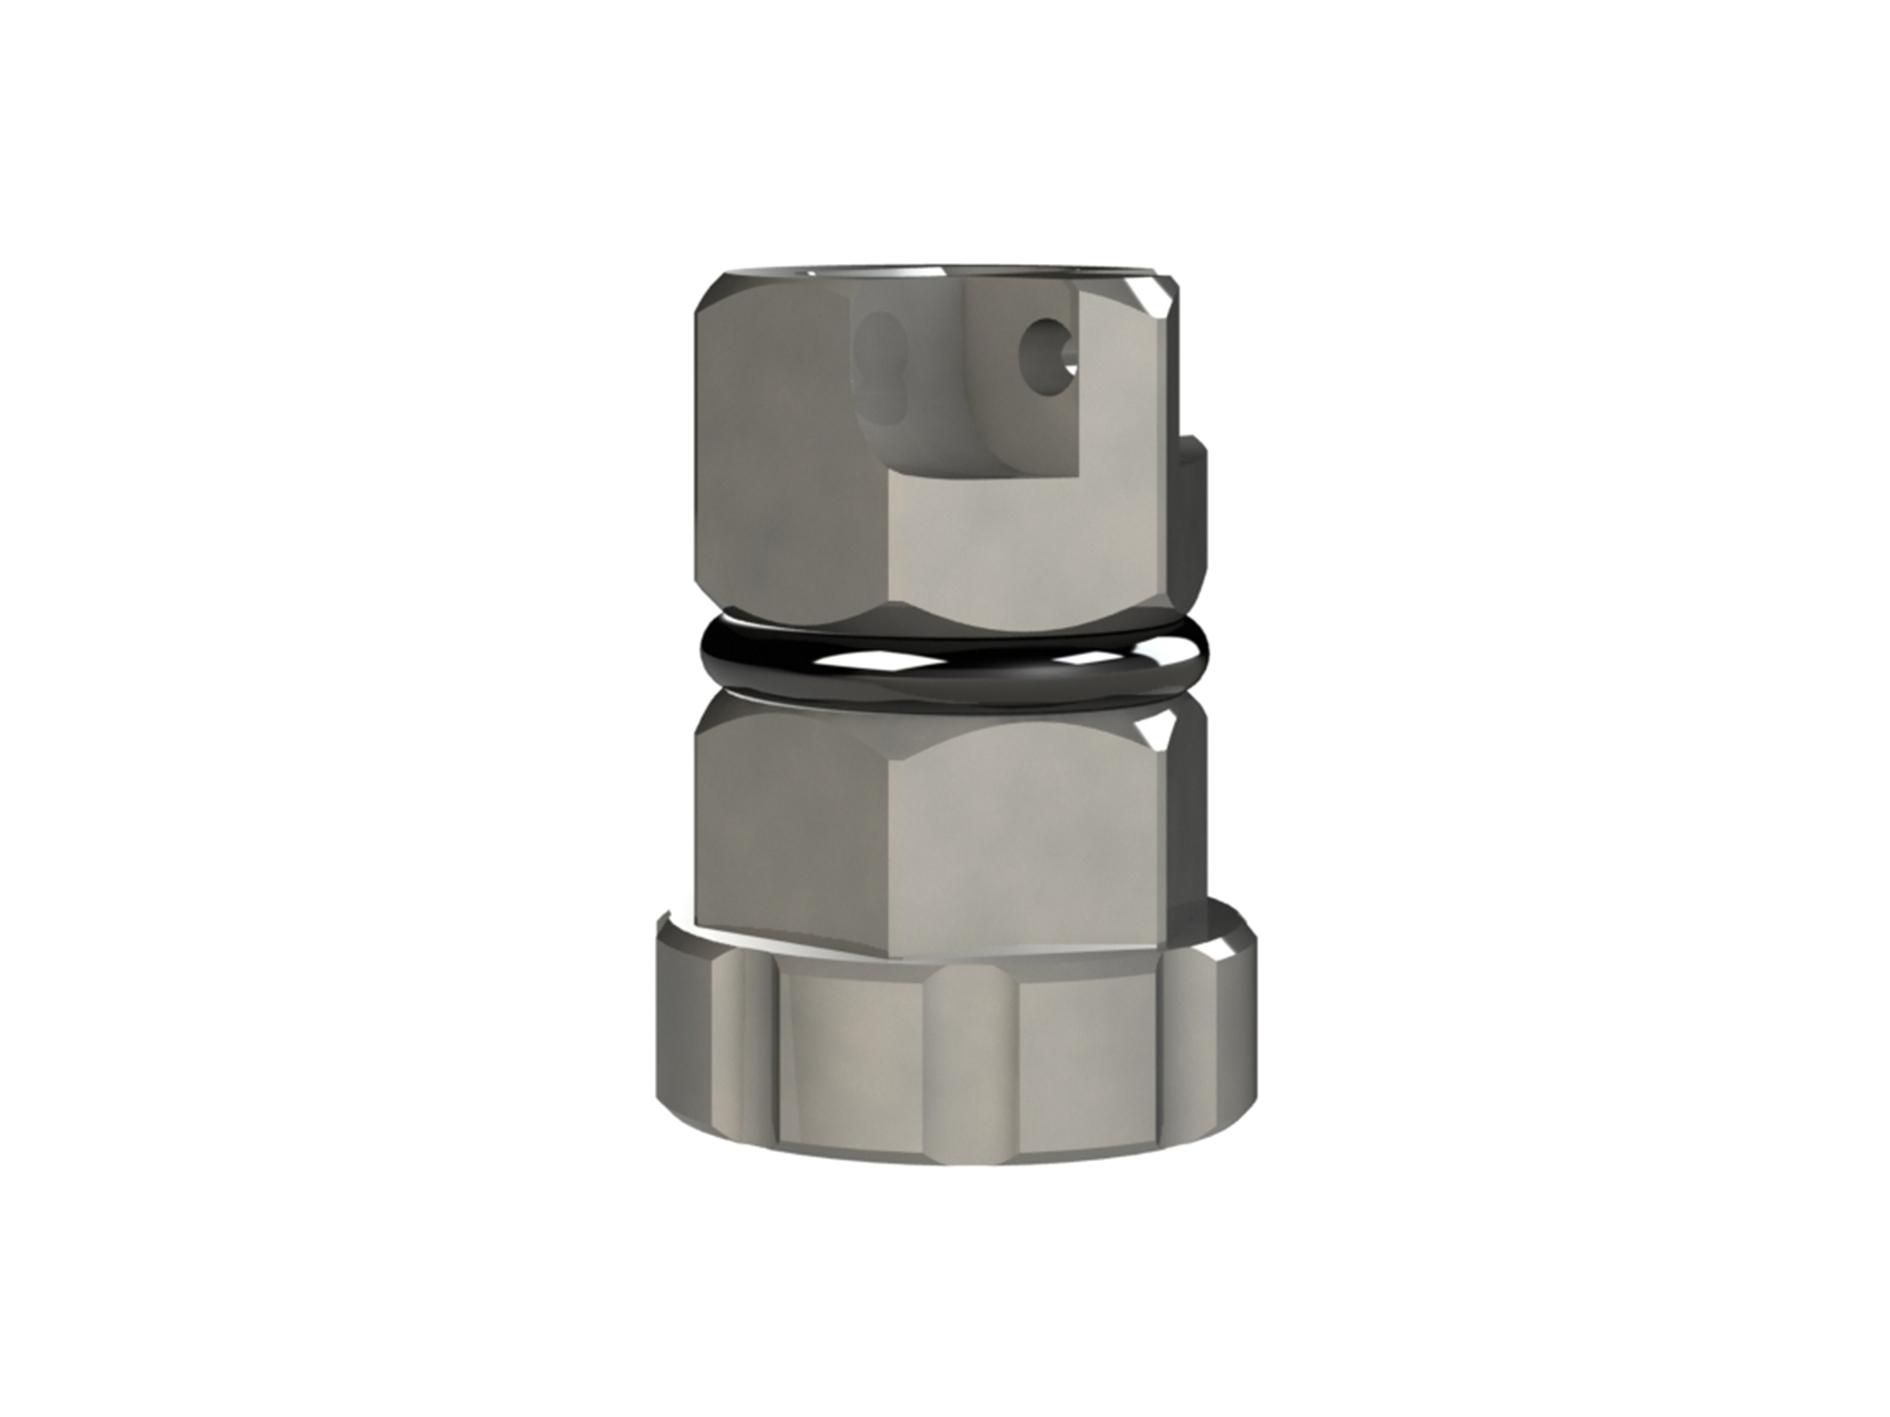 Adapter Dentalanschluss* auf Ratsche SW 6,4mm   Art.-Nr. 31.034.64.110  Dental ISO* auf SW 6,4  Preis  26€